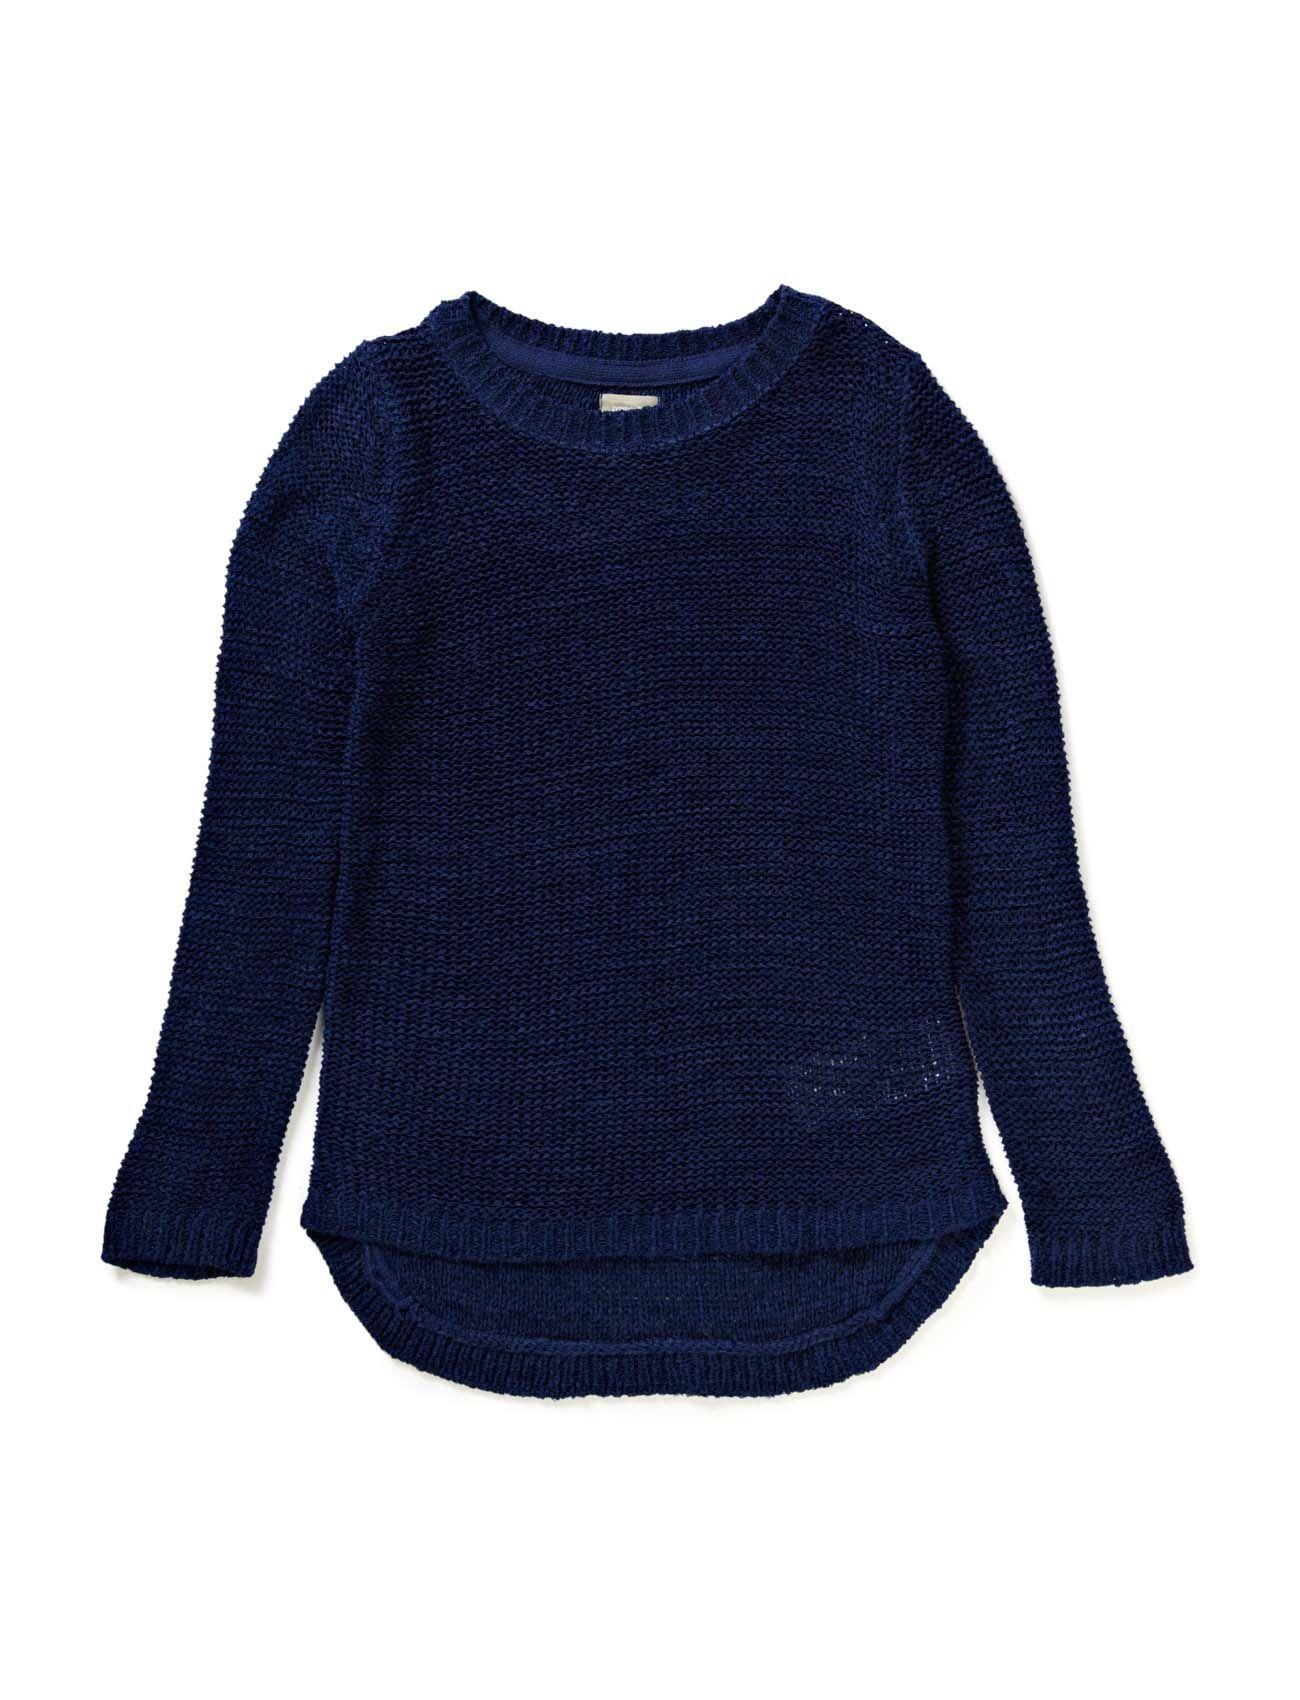 Kegre Kids Ls Knit 414